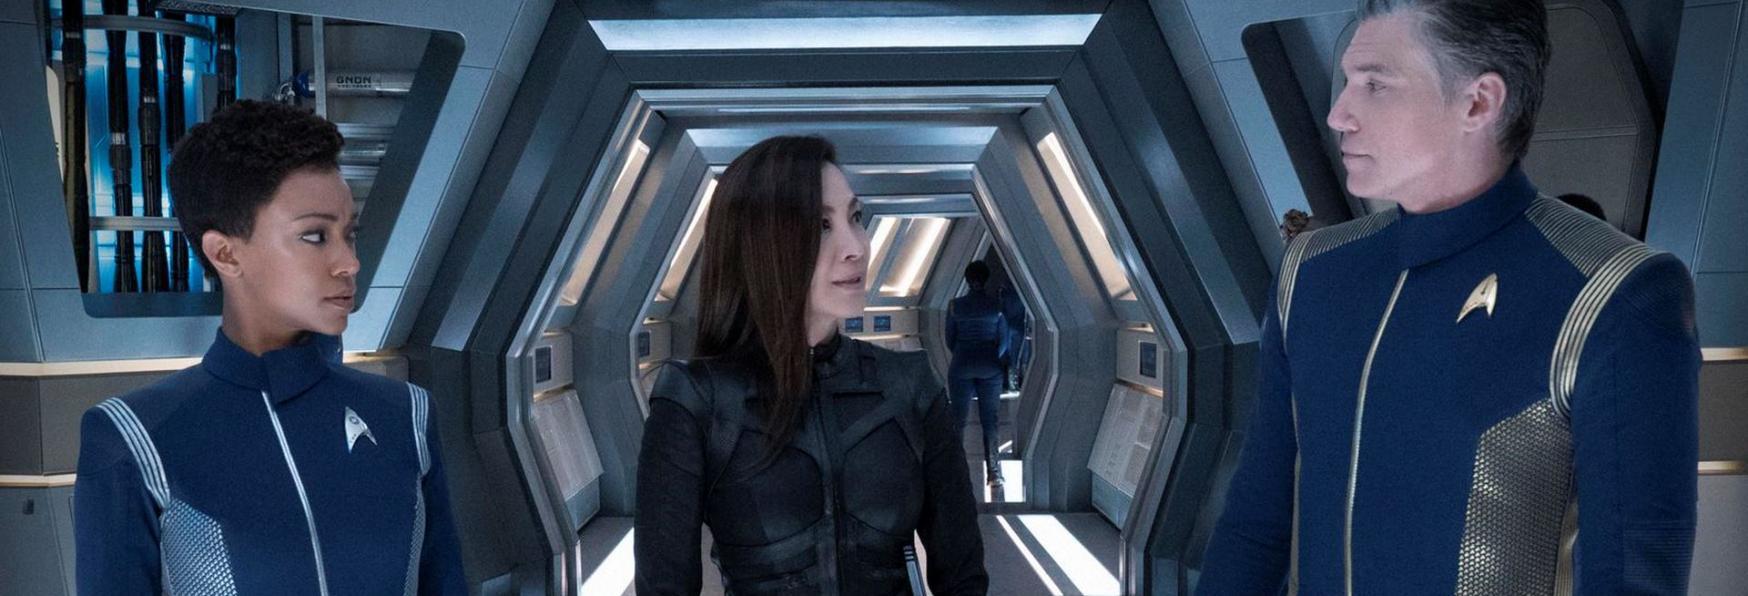 Star Trek: Discovery 3 - Finite le Riprese della nuova Stagione